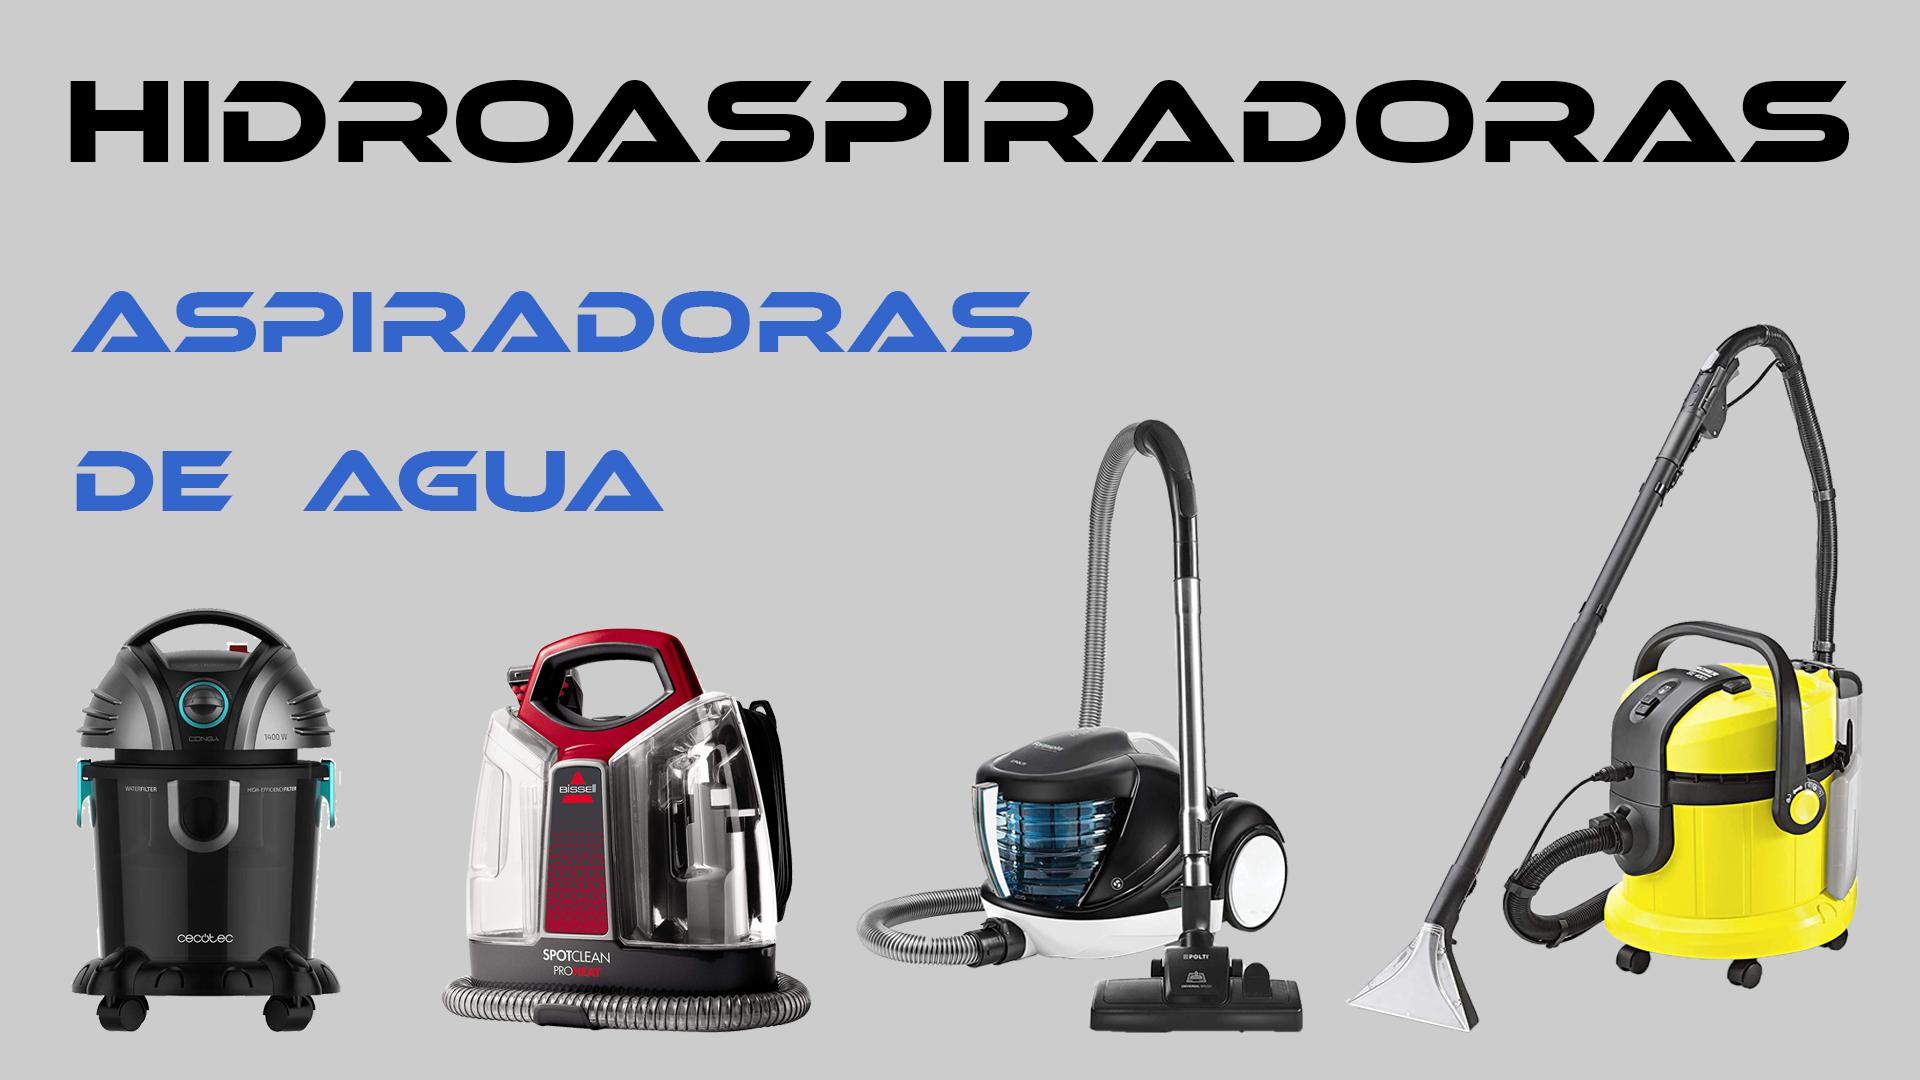 Hidroaspiradoras. Aspiradoras con filtro de agua.